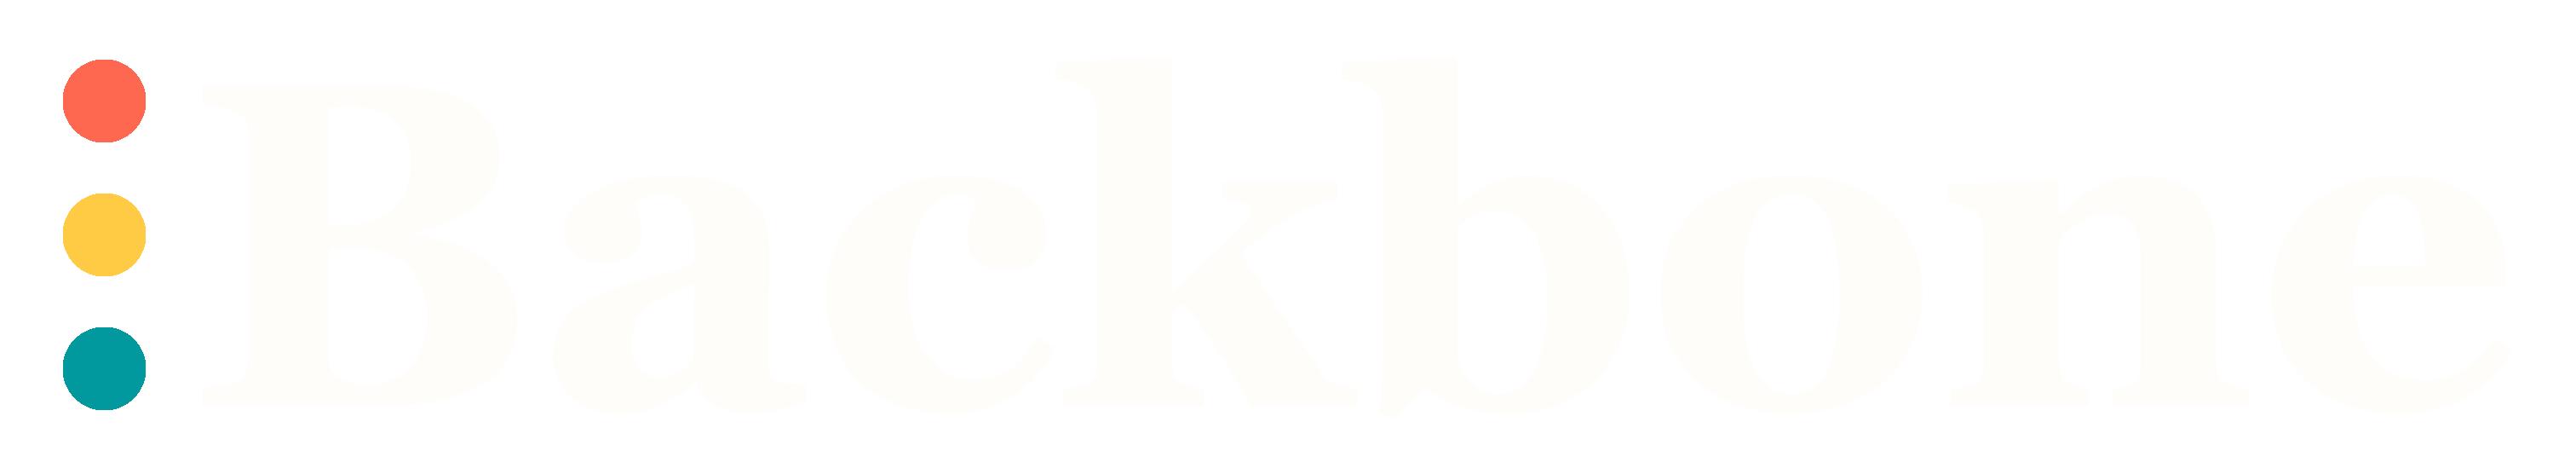 Backbone Podcast